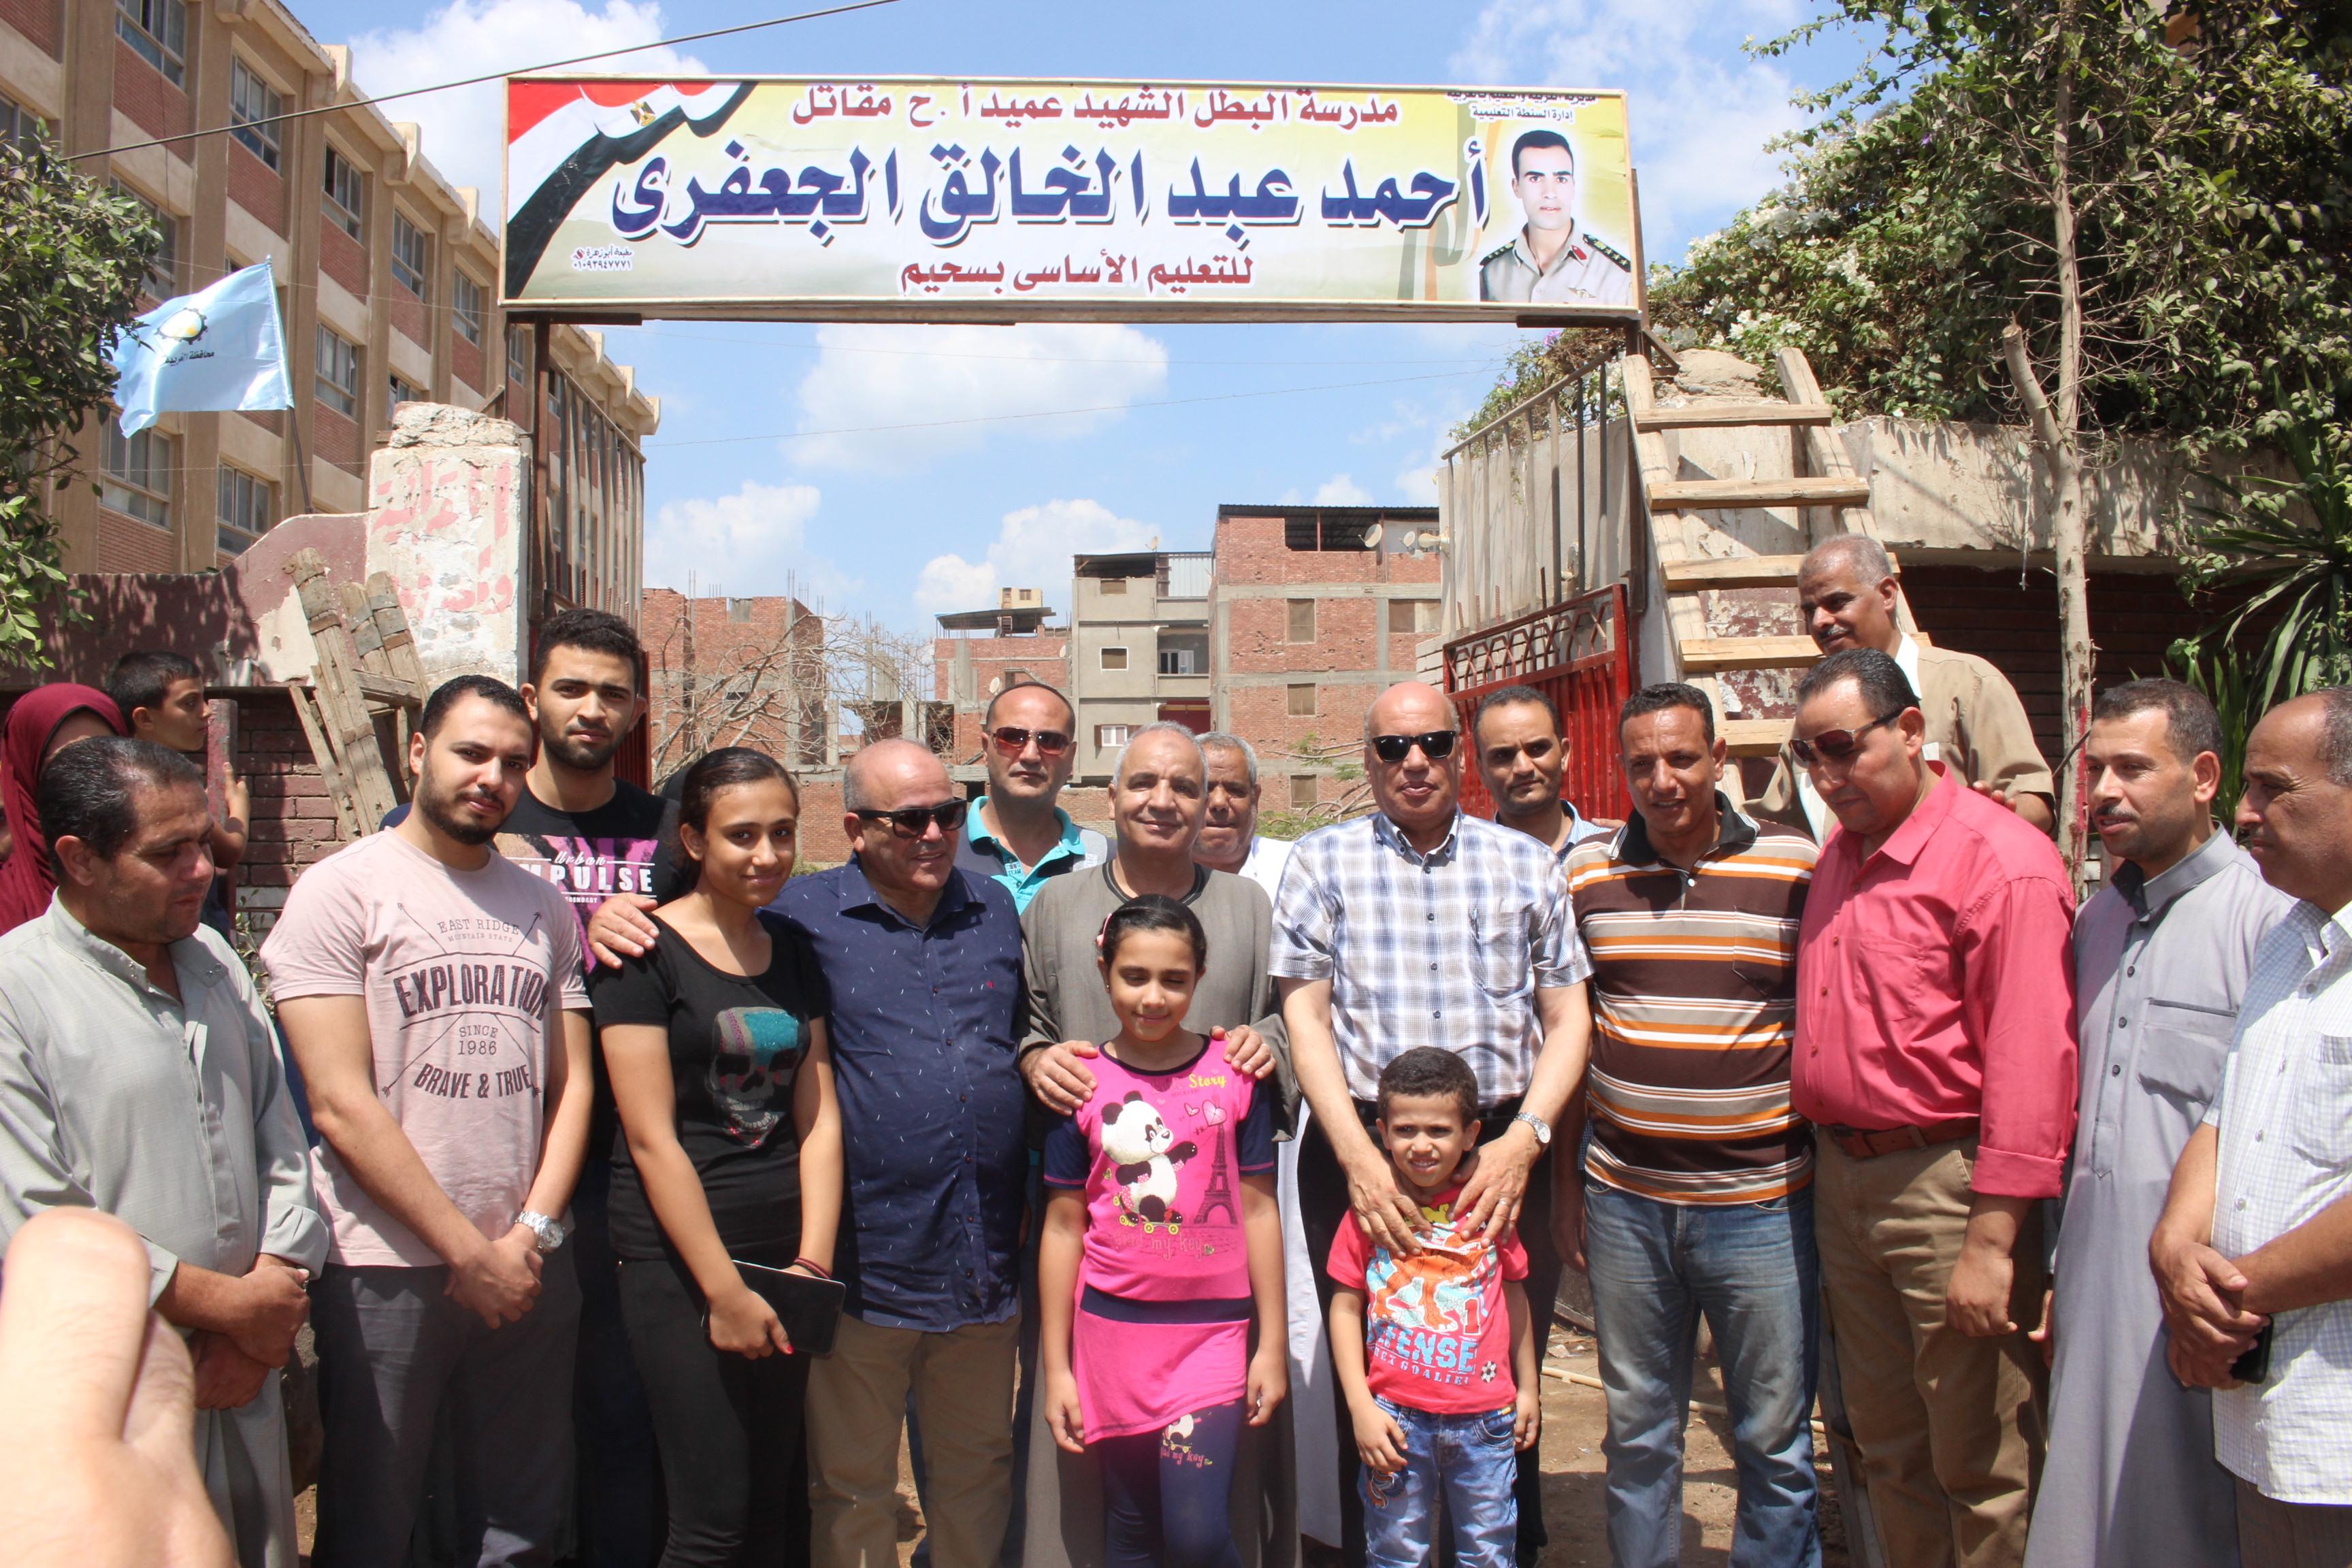 2008967-إطلاق-أسم-شهيد-عمليات-سيناء-على-أحد-المدارس-بالغربية-(1)